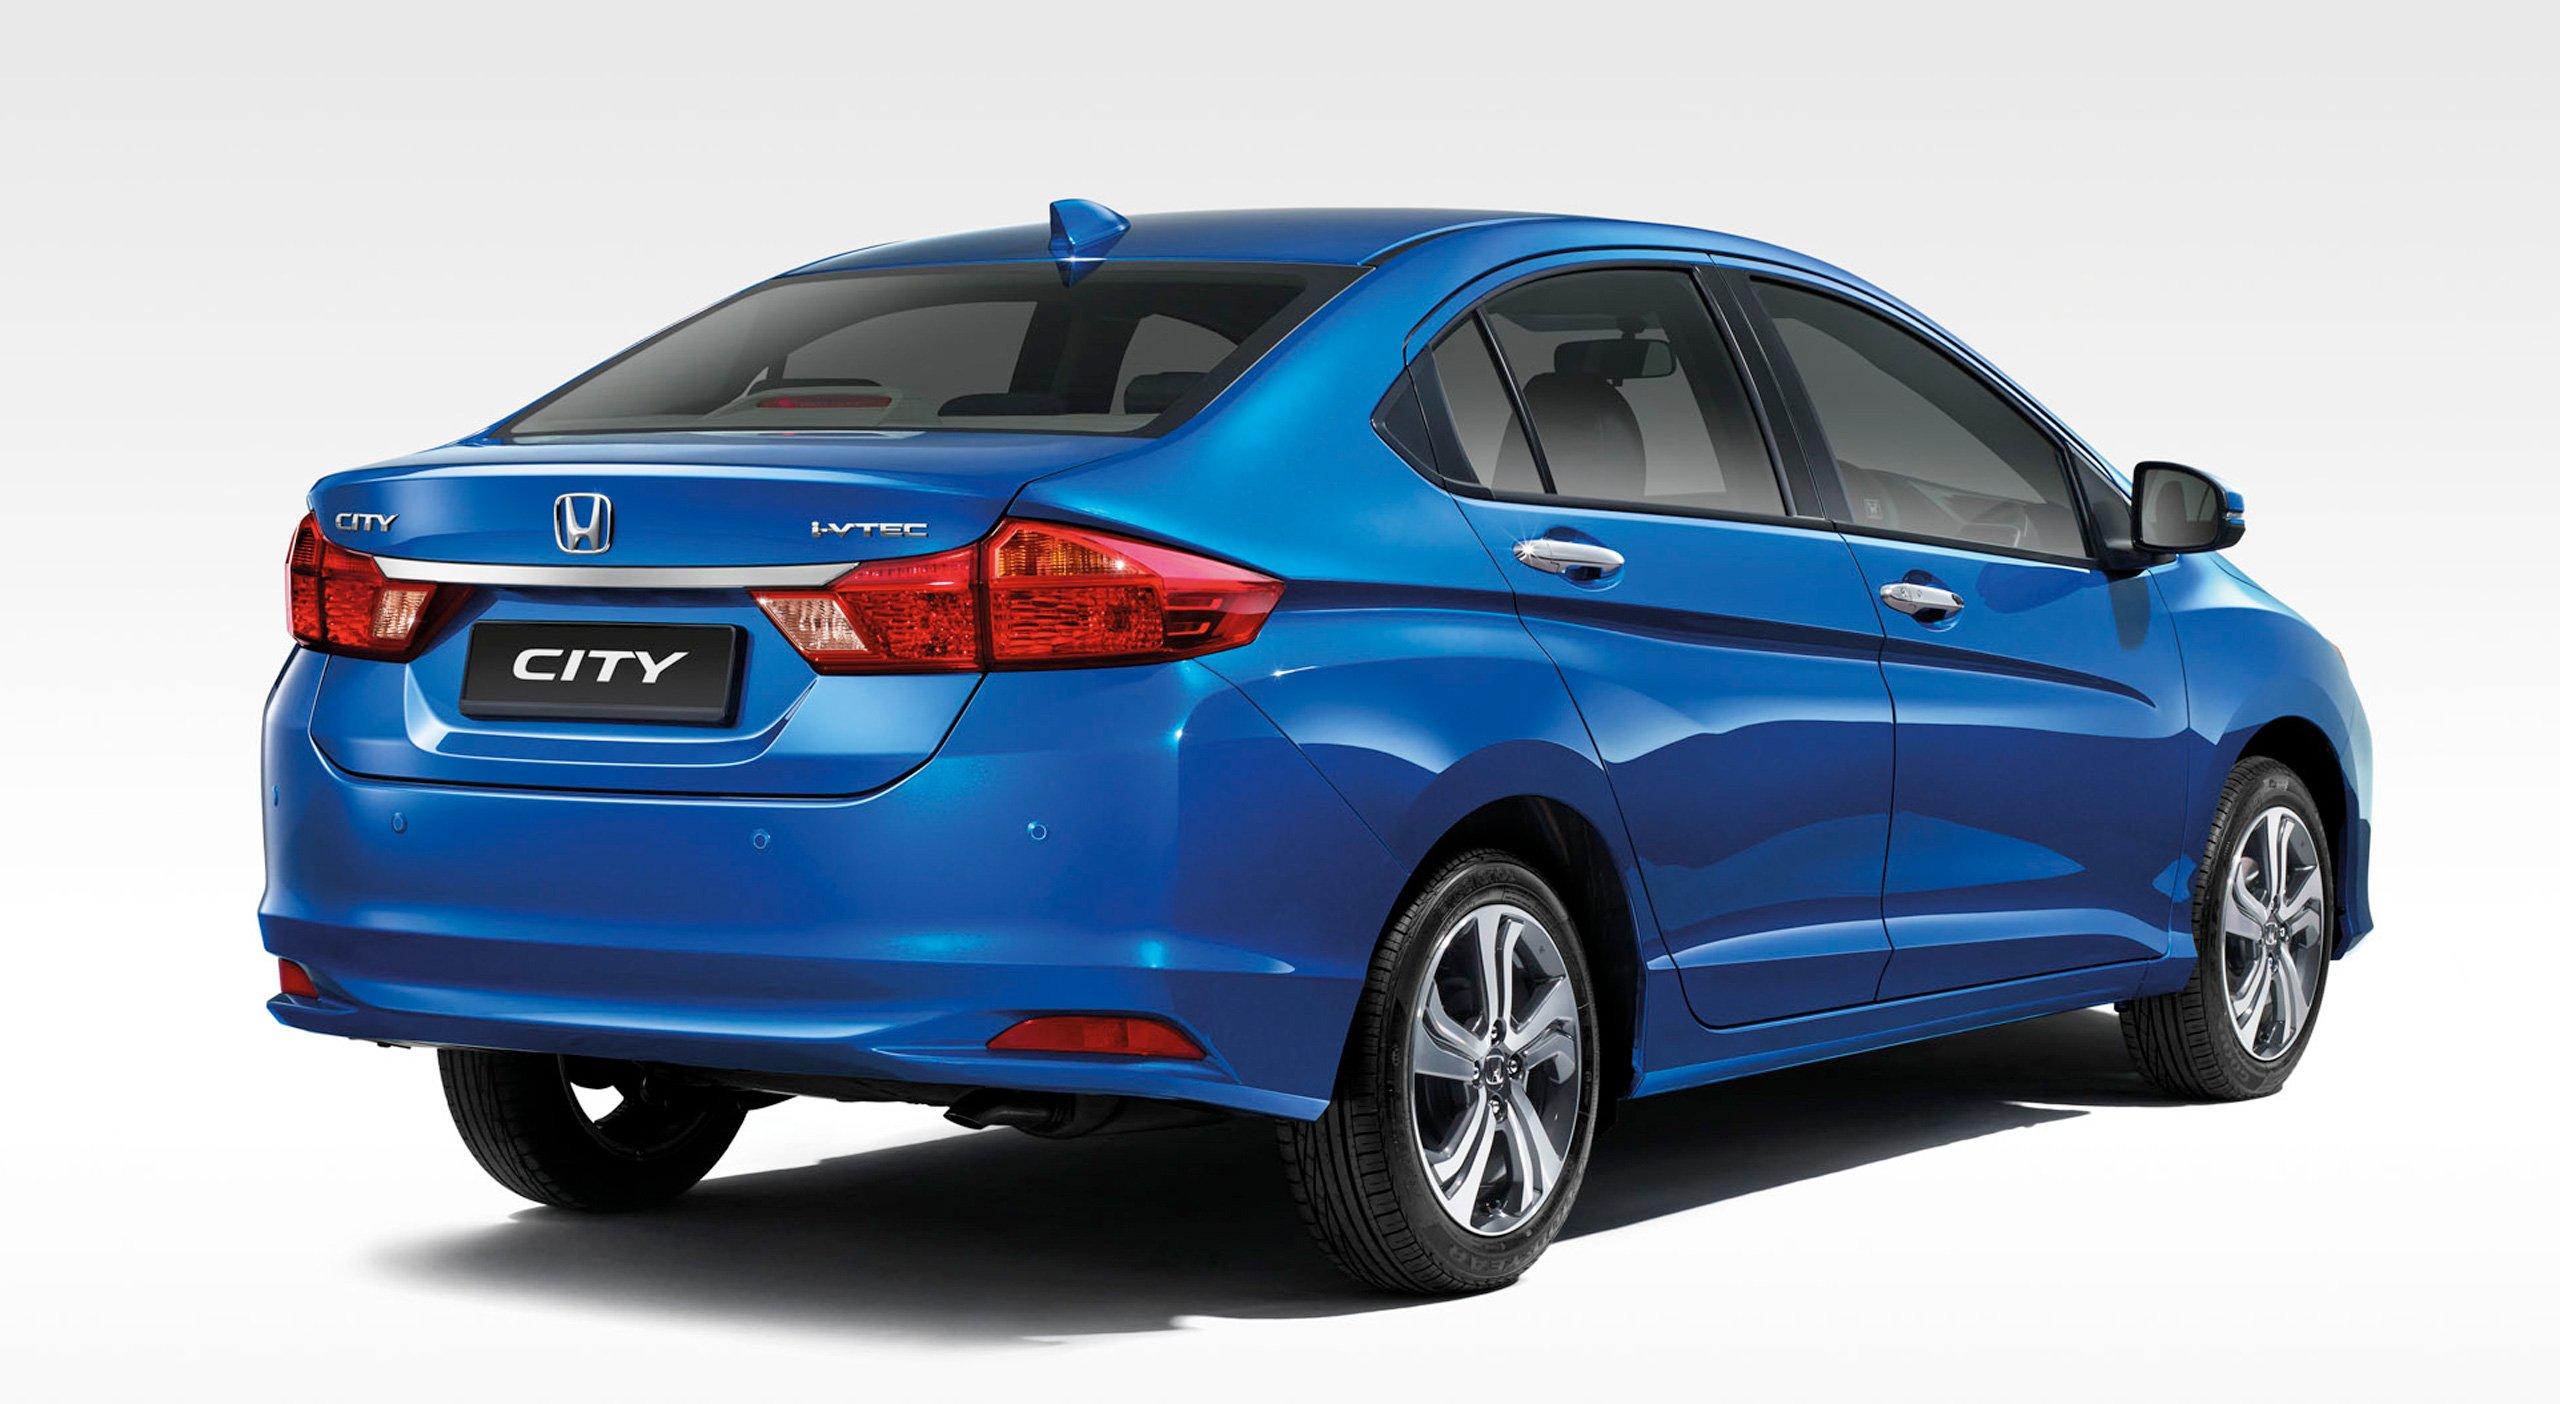 Honda city car price malaysia 16